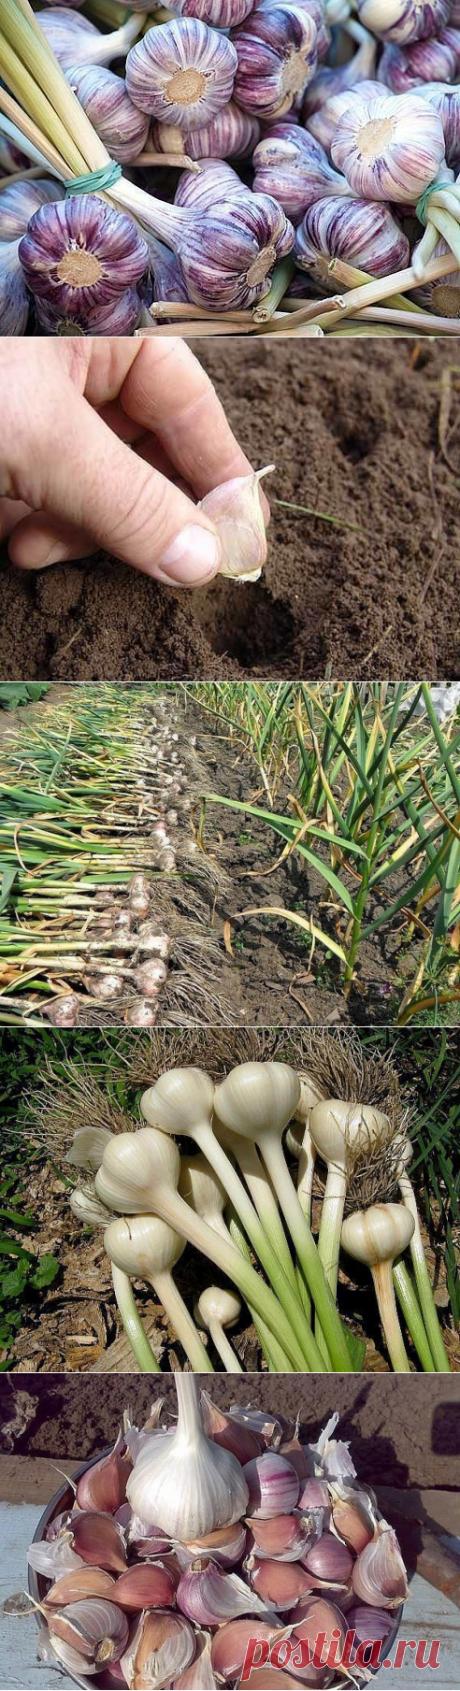 Что нужно для полноценного здорового урожая чеснока? | 6 соток